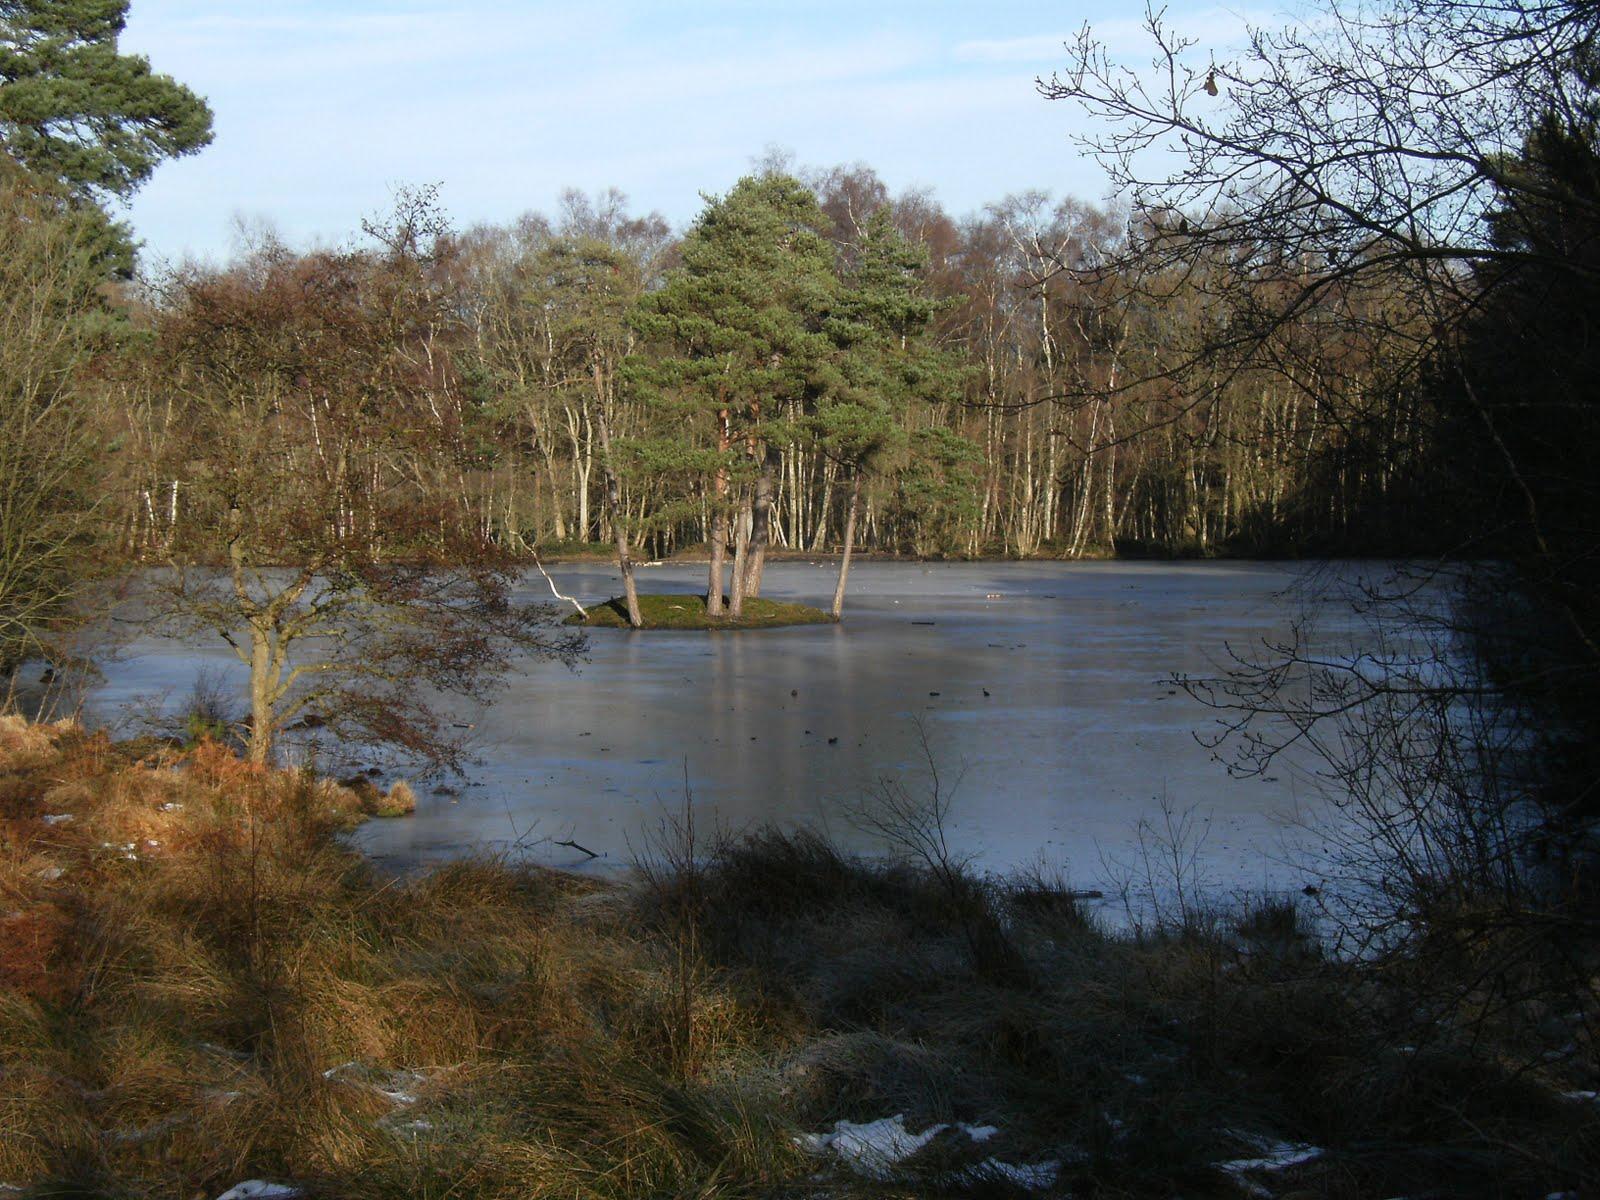 2009 12280011 Heath Pond in winter